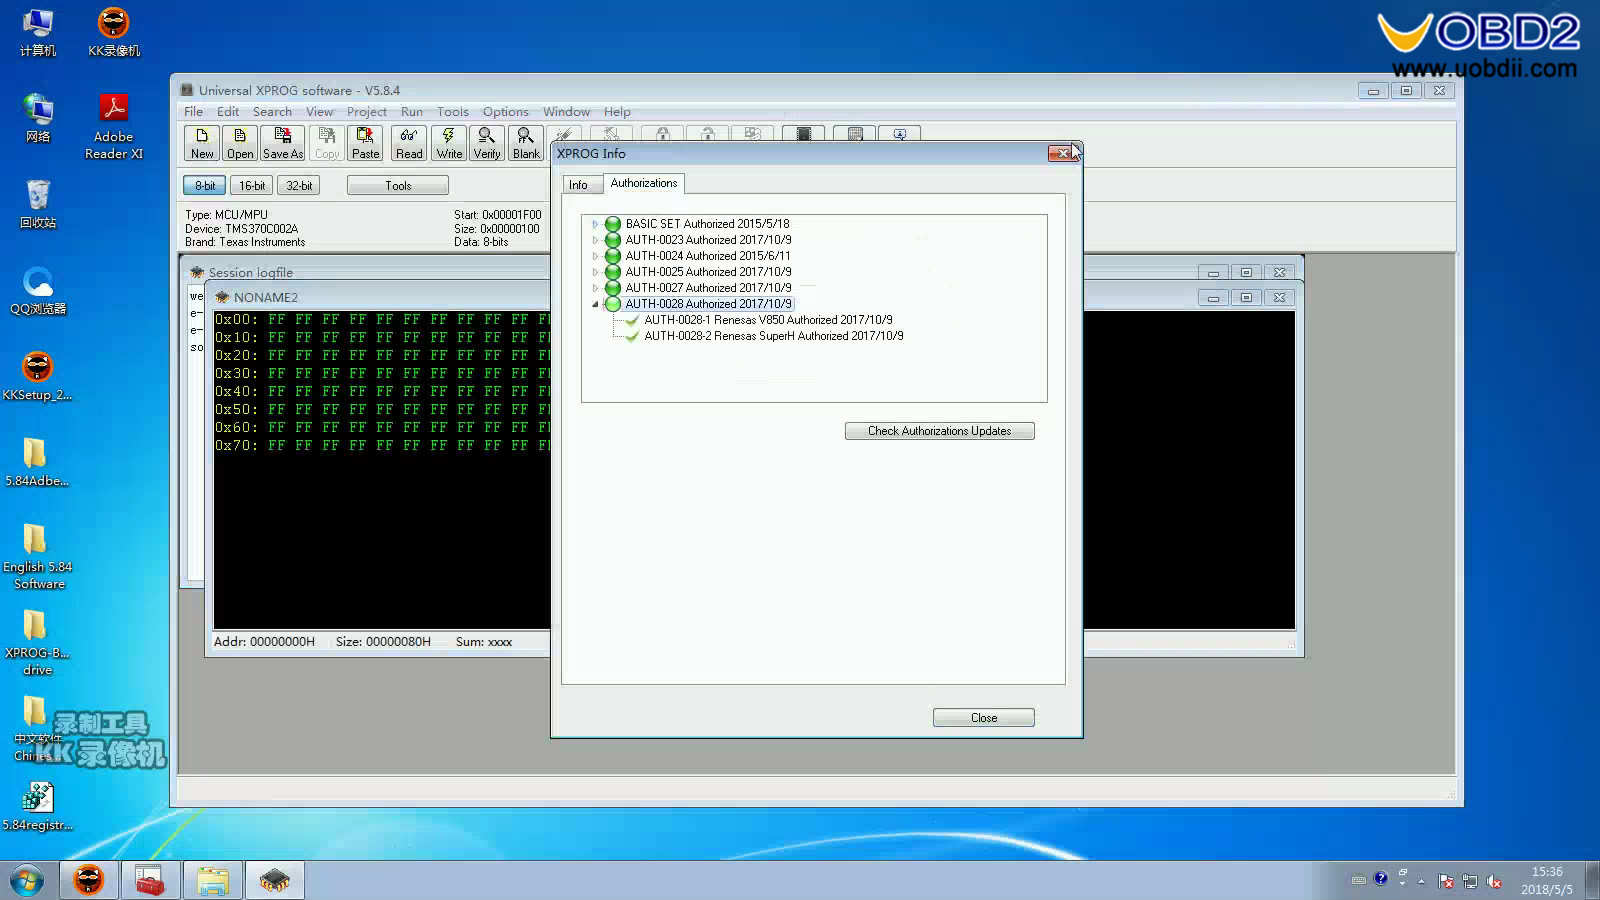 xprog-5-84-win7-64bit-install-16